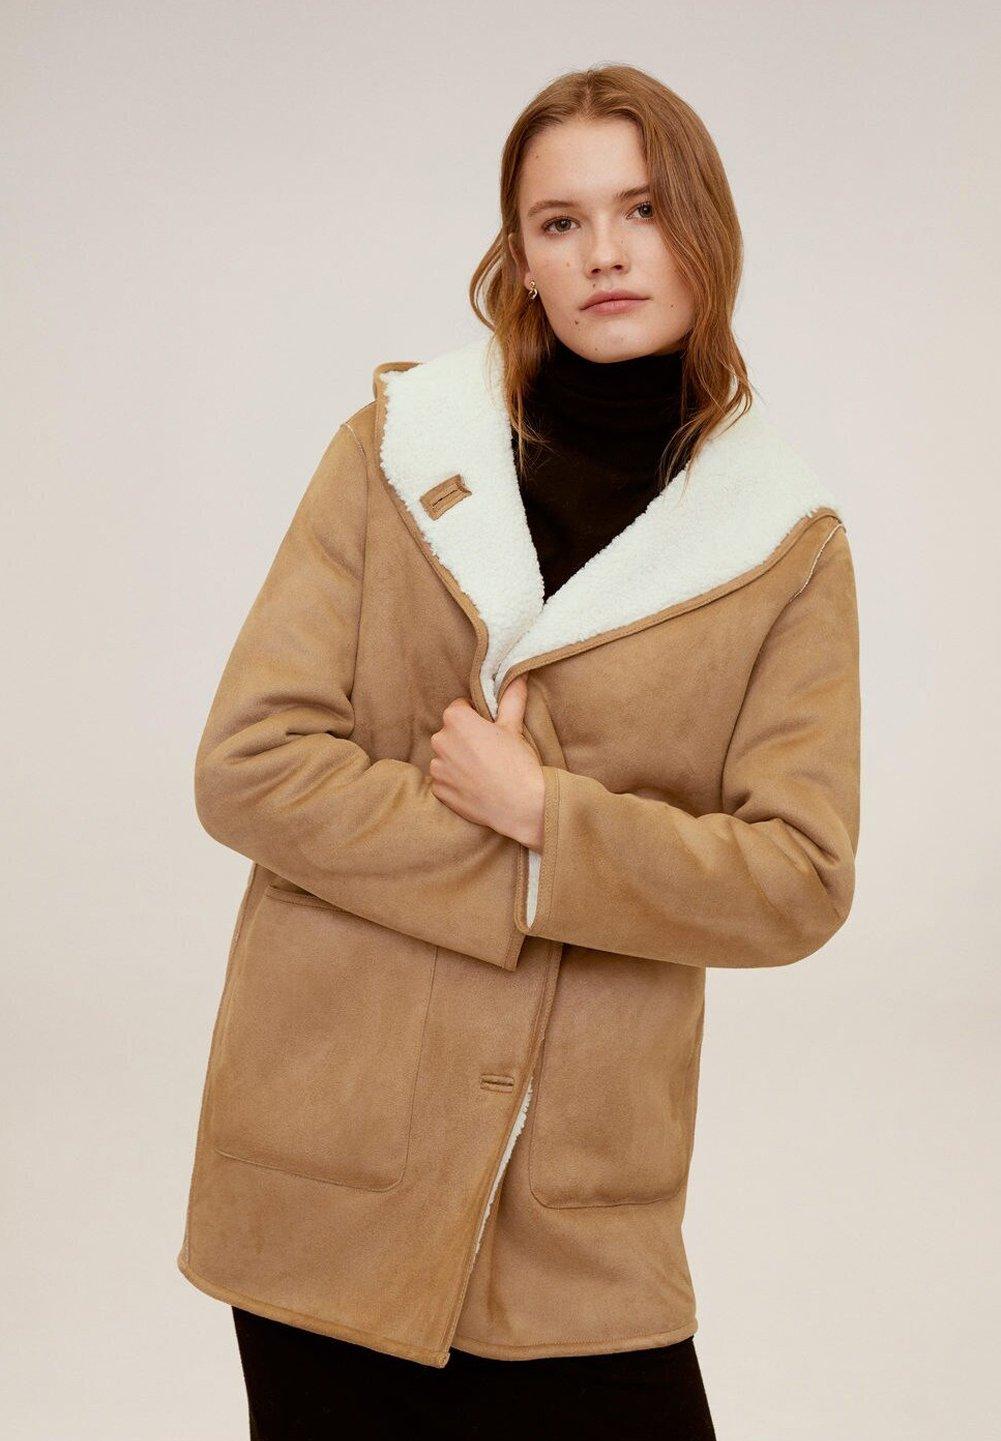 Brune Vinterjakker | Damer | Køb din nye vinterjakke online